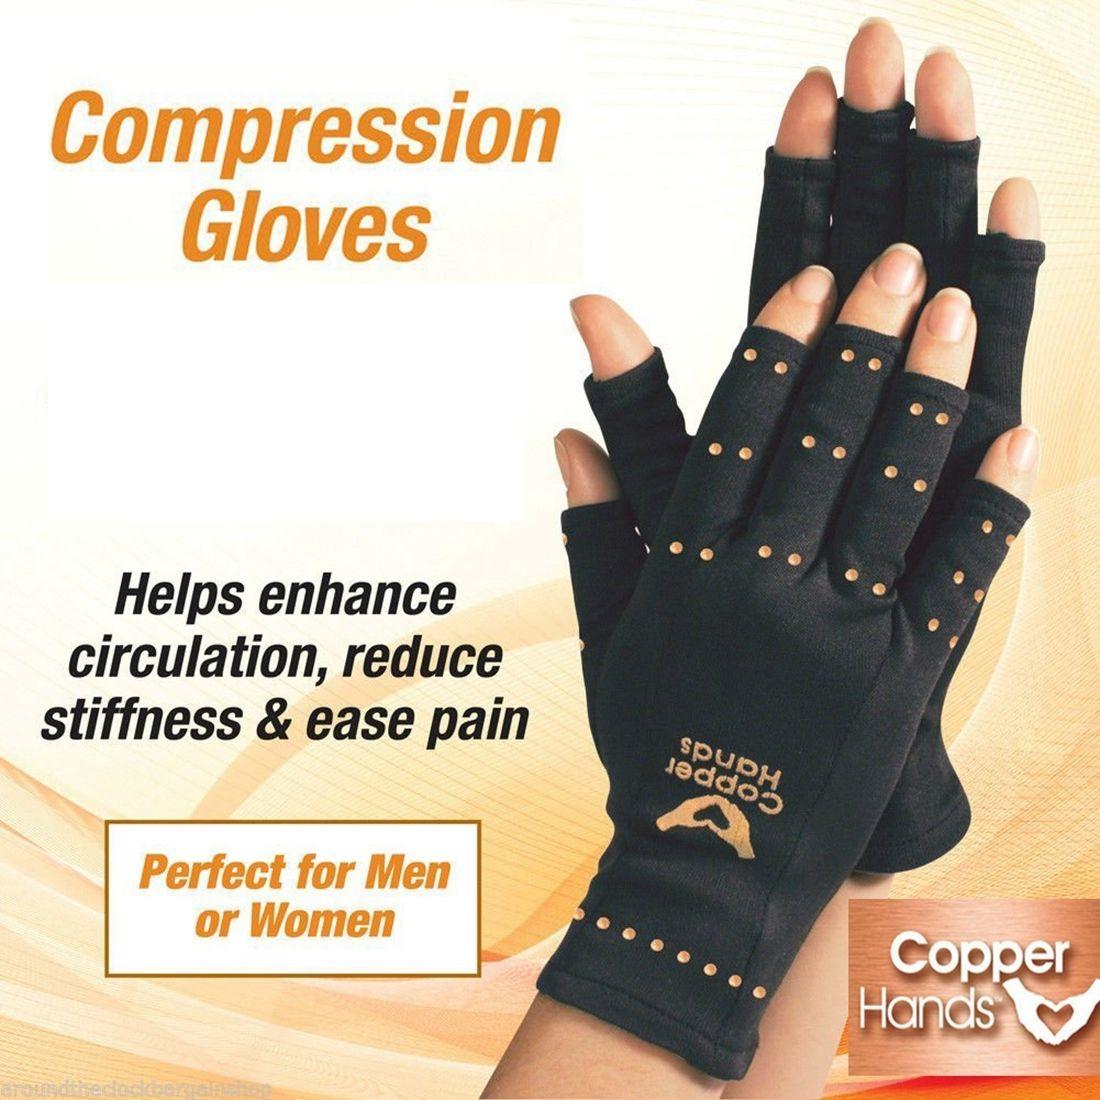 Медные перчатки при артрите терапевтическое сжатие для мужчин и женщин циркуляционное сцепление артрит компрессионные перчатки